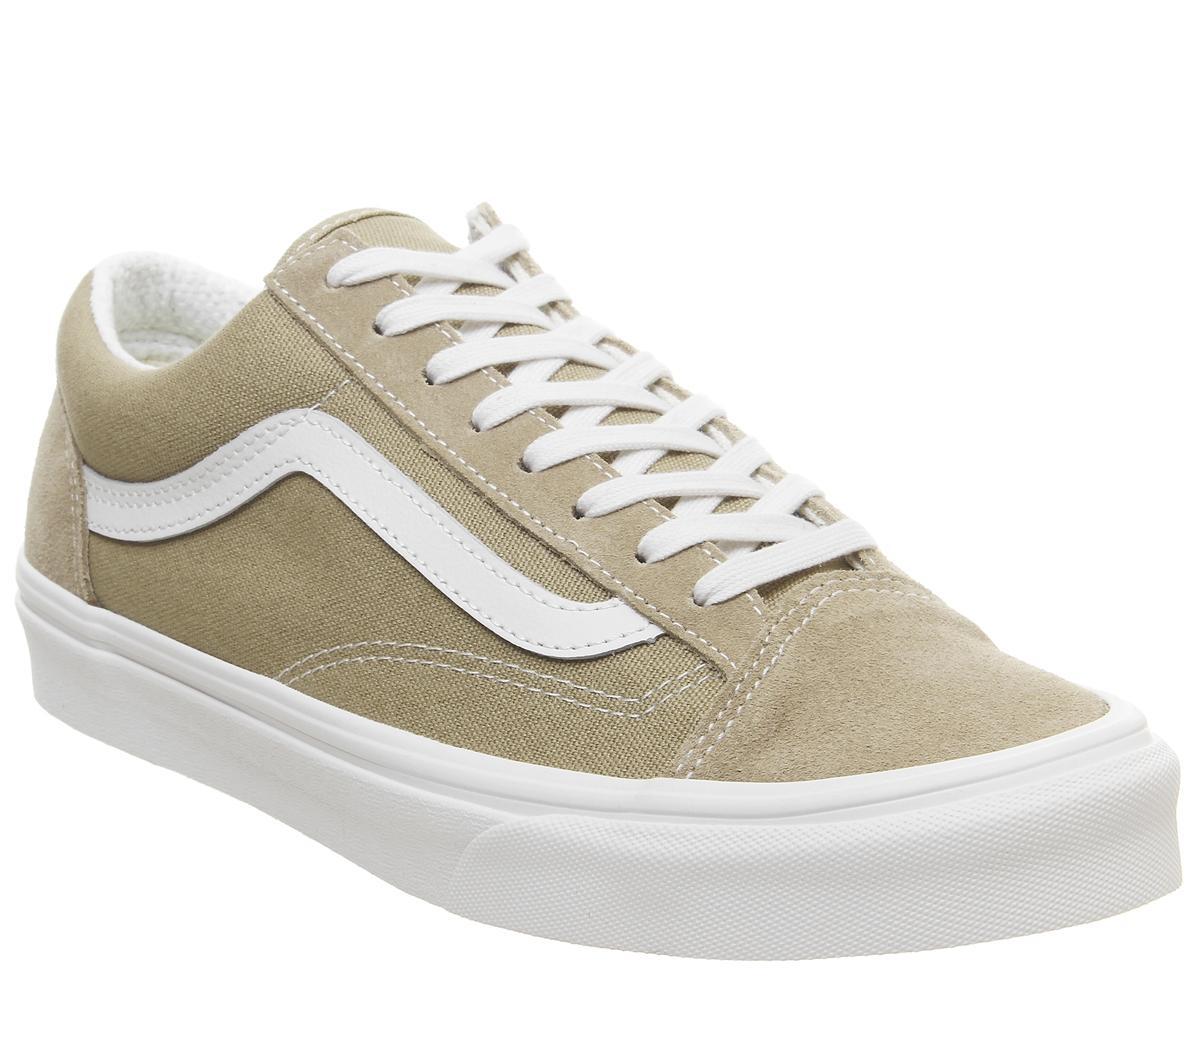 Vans Style 36 Trainers Khaki Blanc De